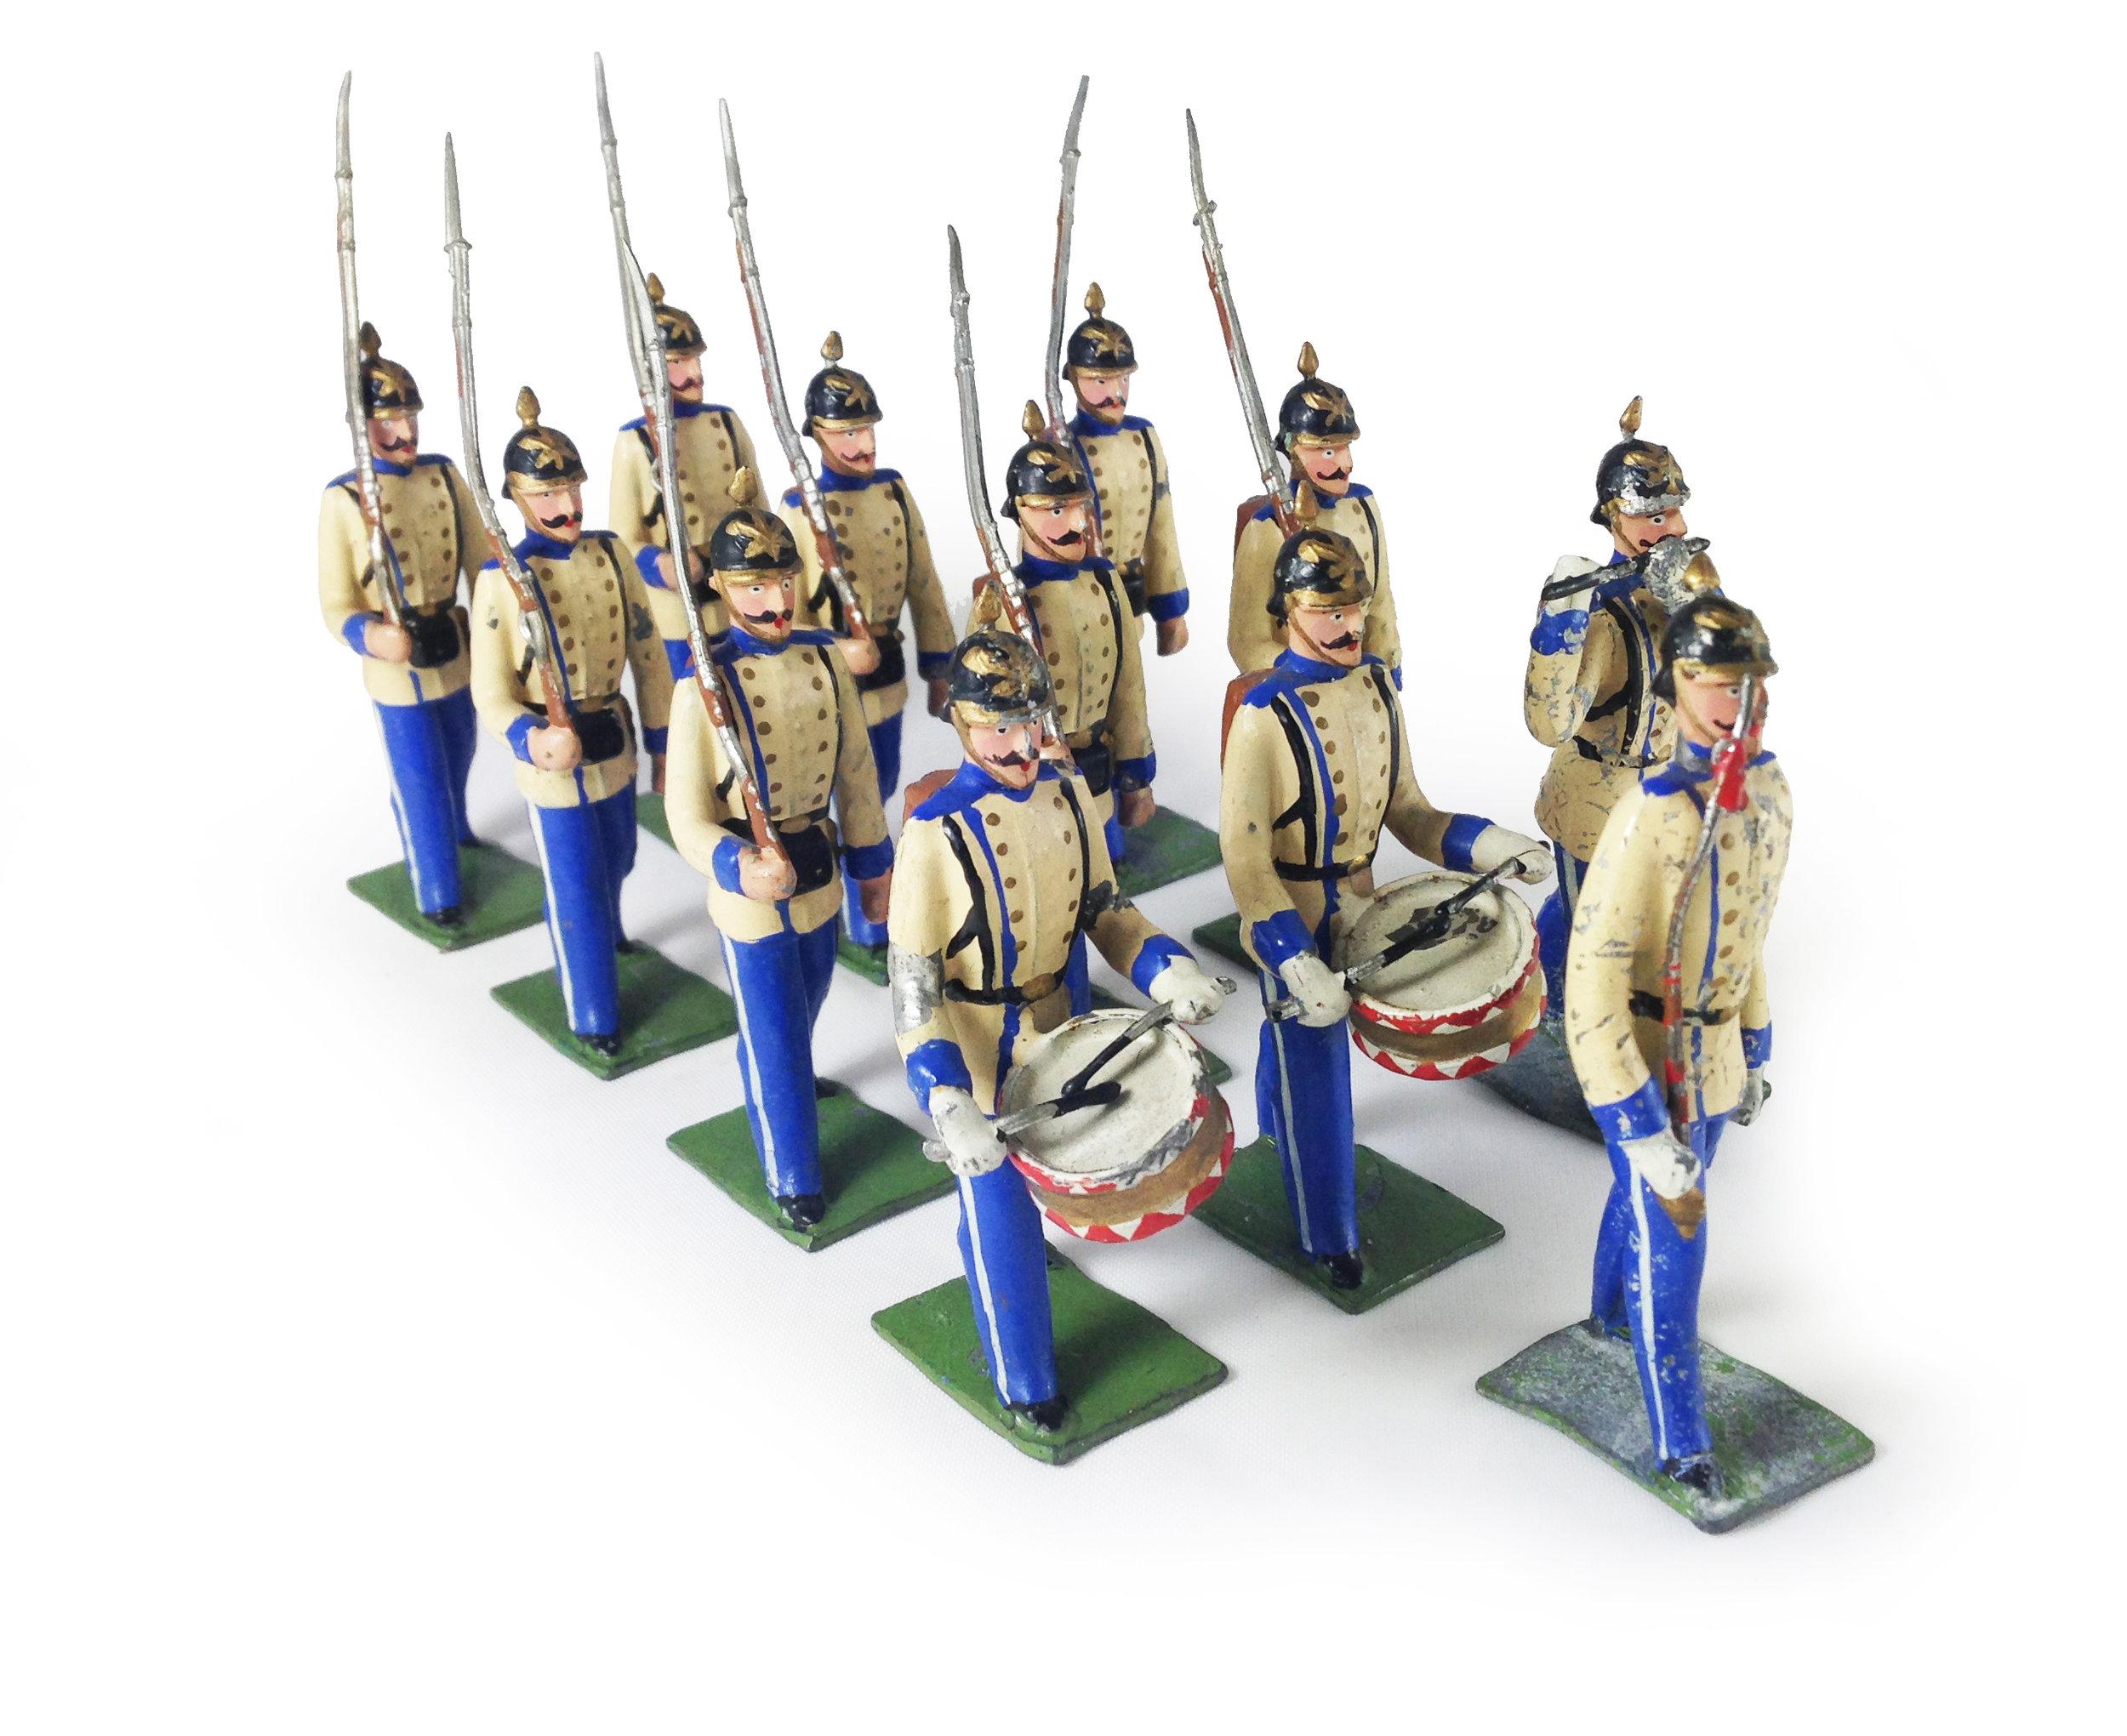 10th Regiment